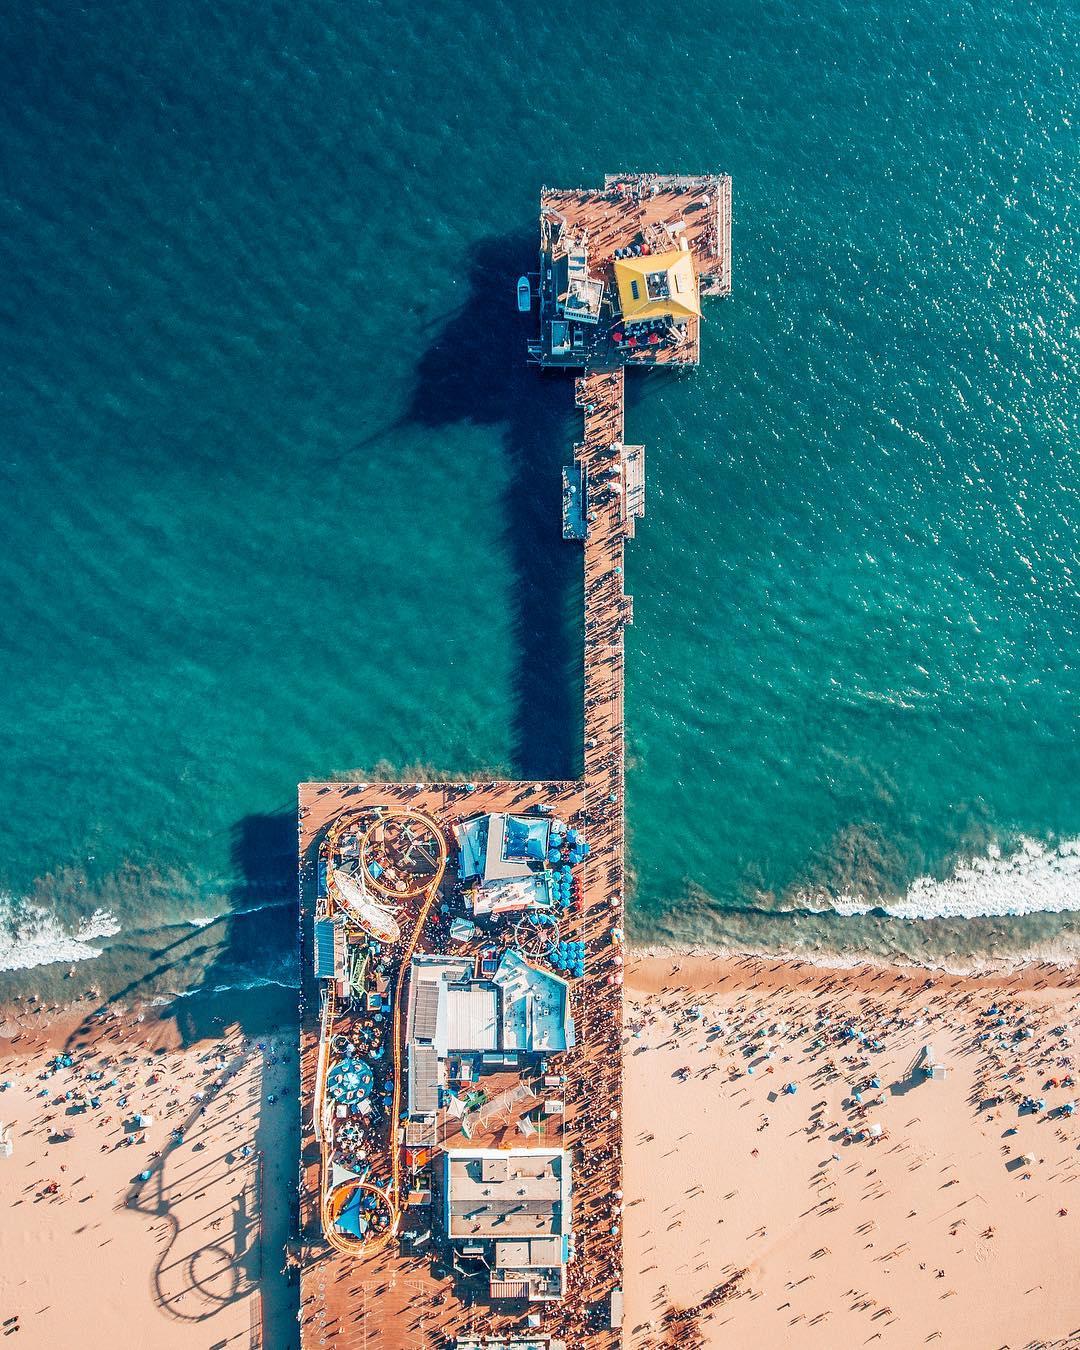 Imagens aéreas de paisagens vibrantes do fotógrafo Niaz Uddin 09